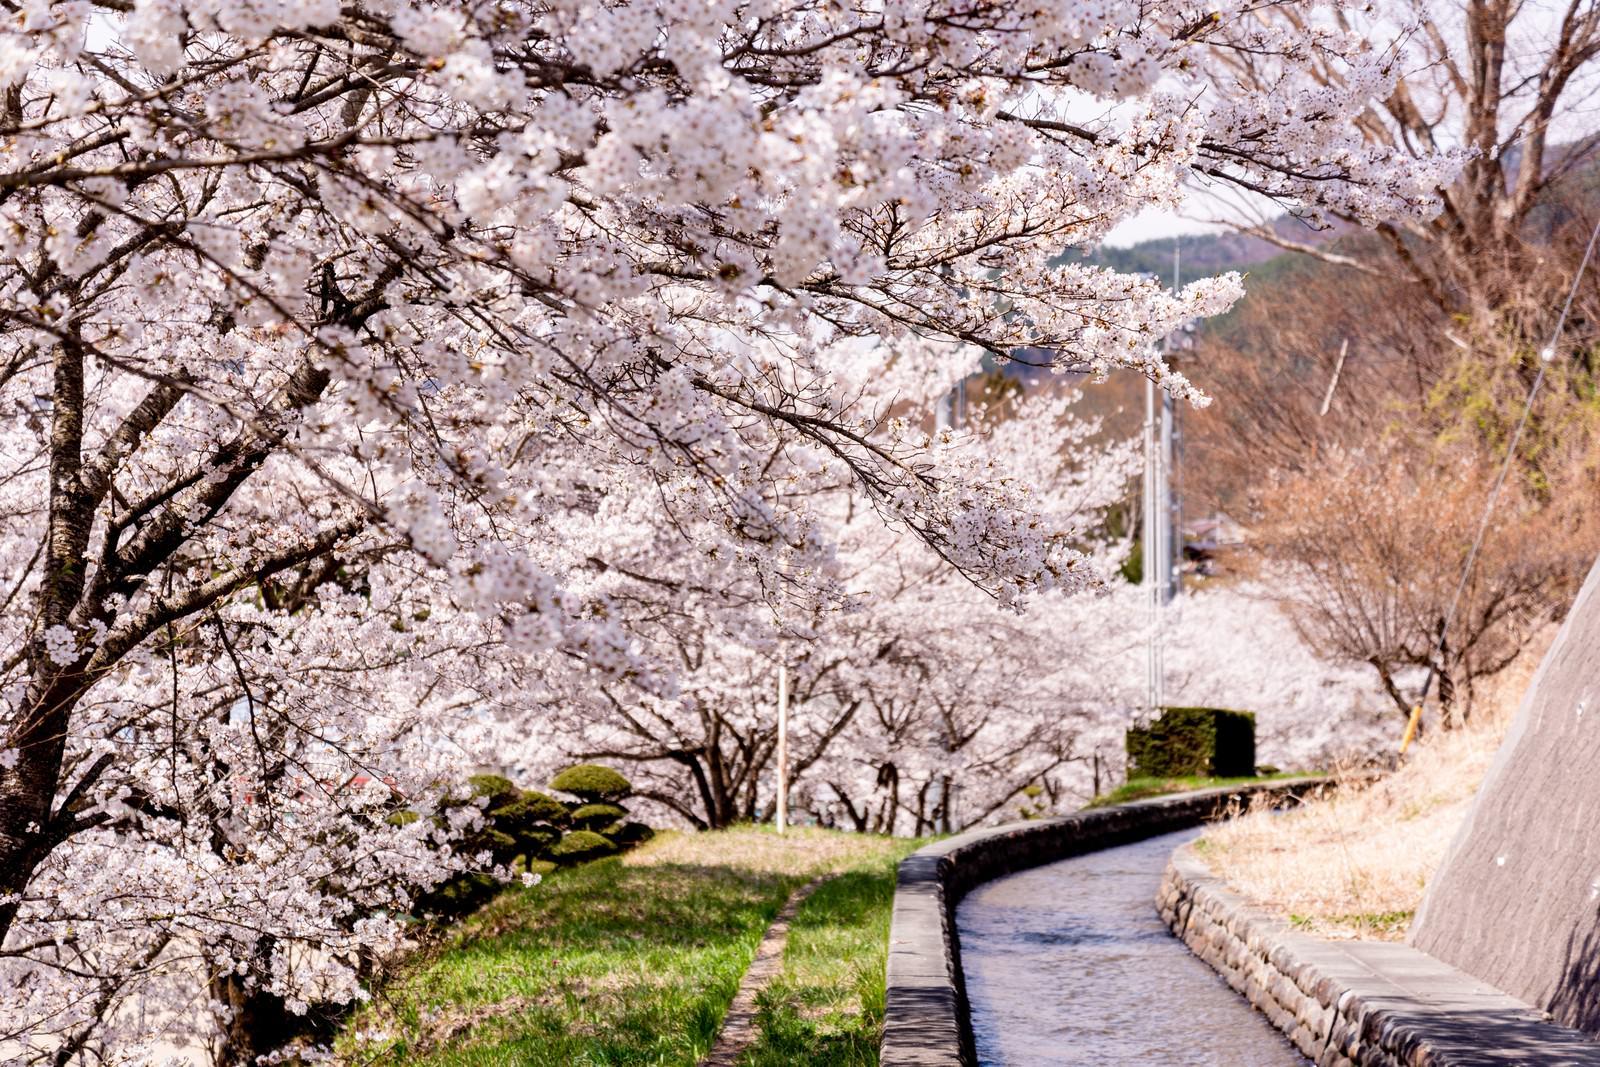 「武石グラウンドの歩道沿いに咲く桜並木」